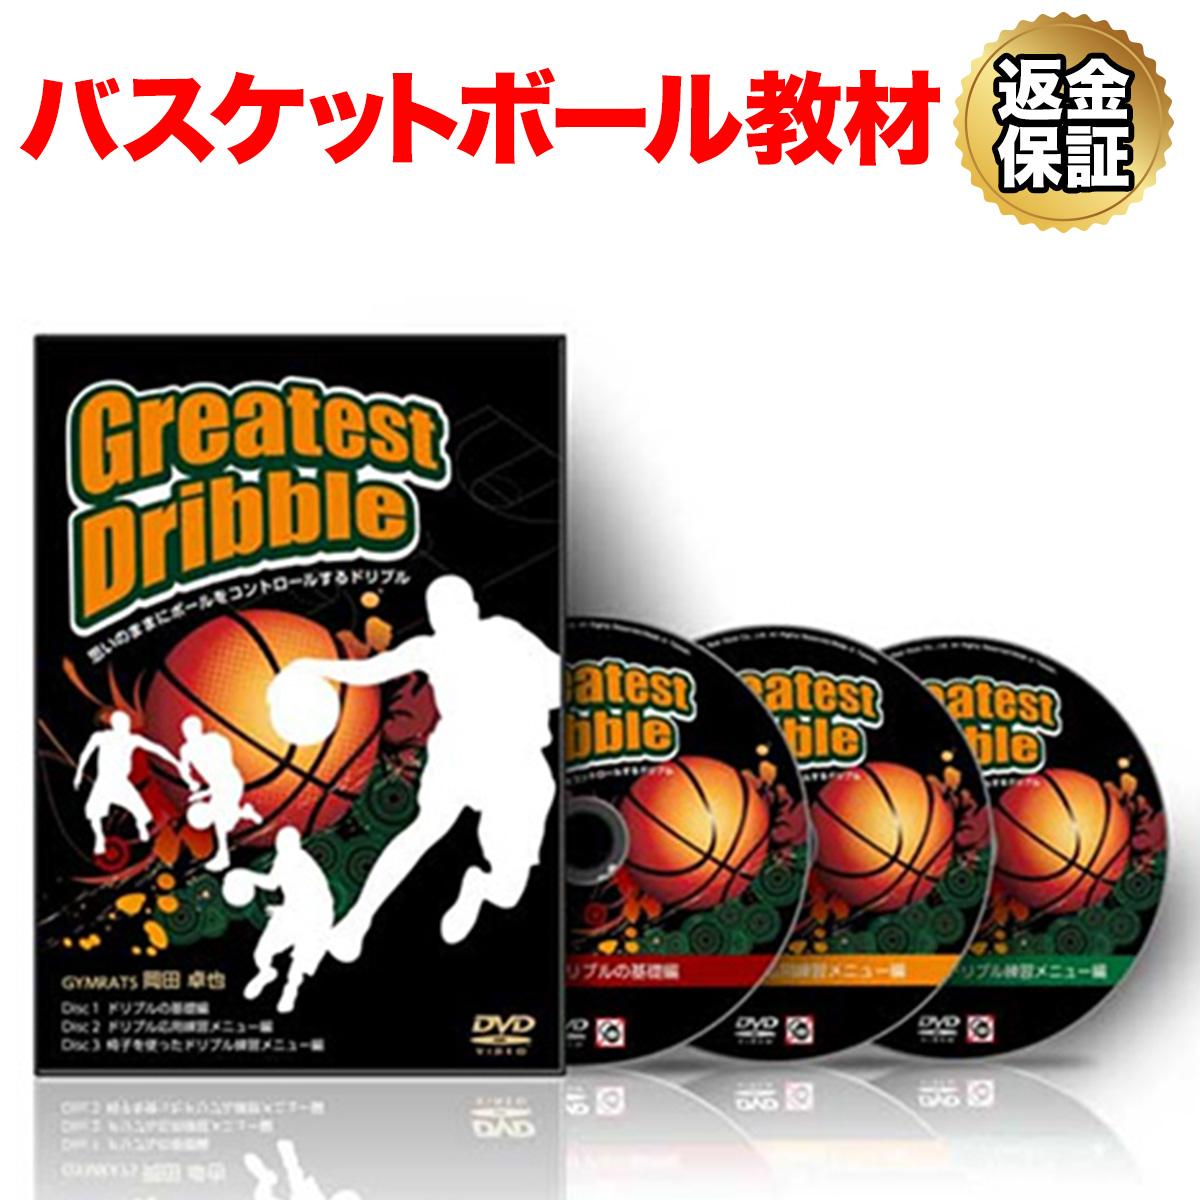 【バスケットボール】Greatest Dribble